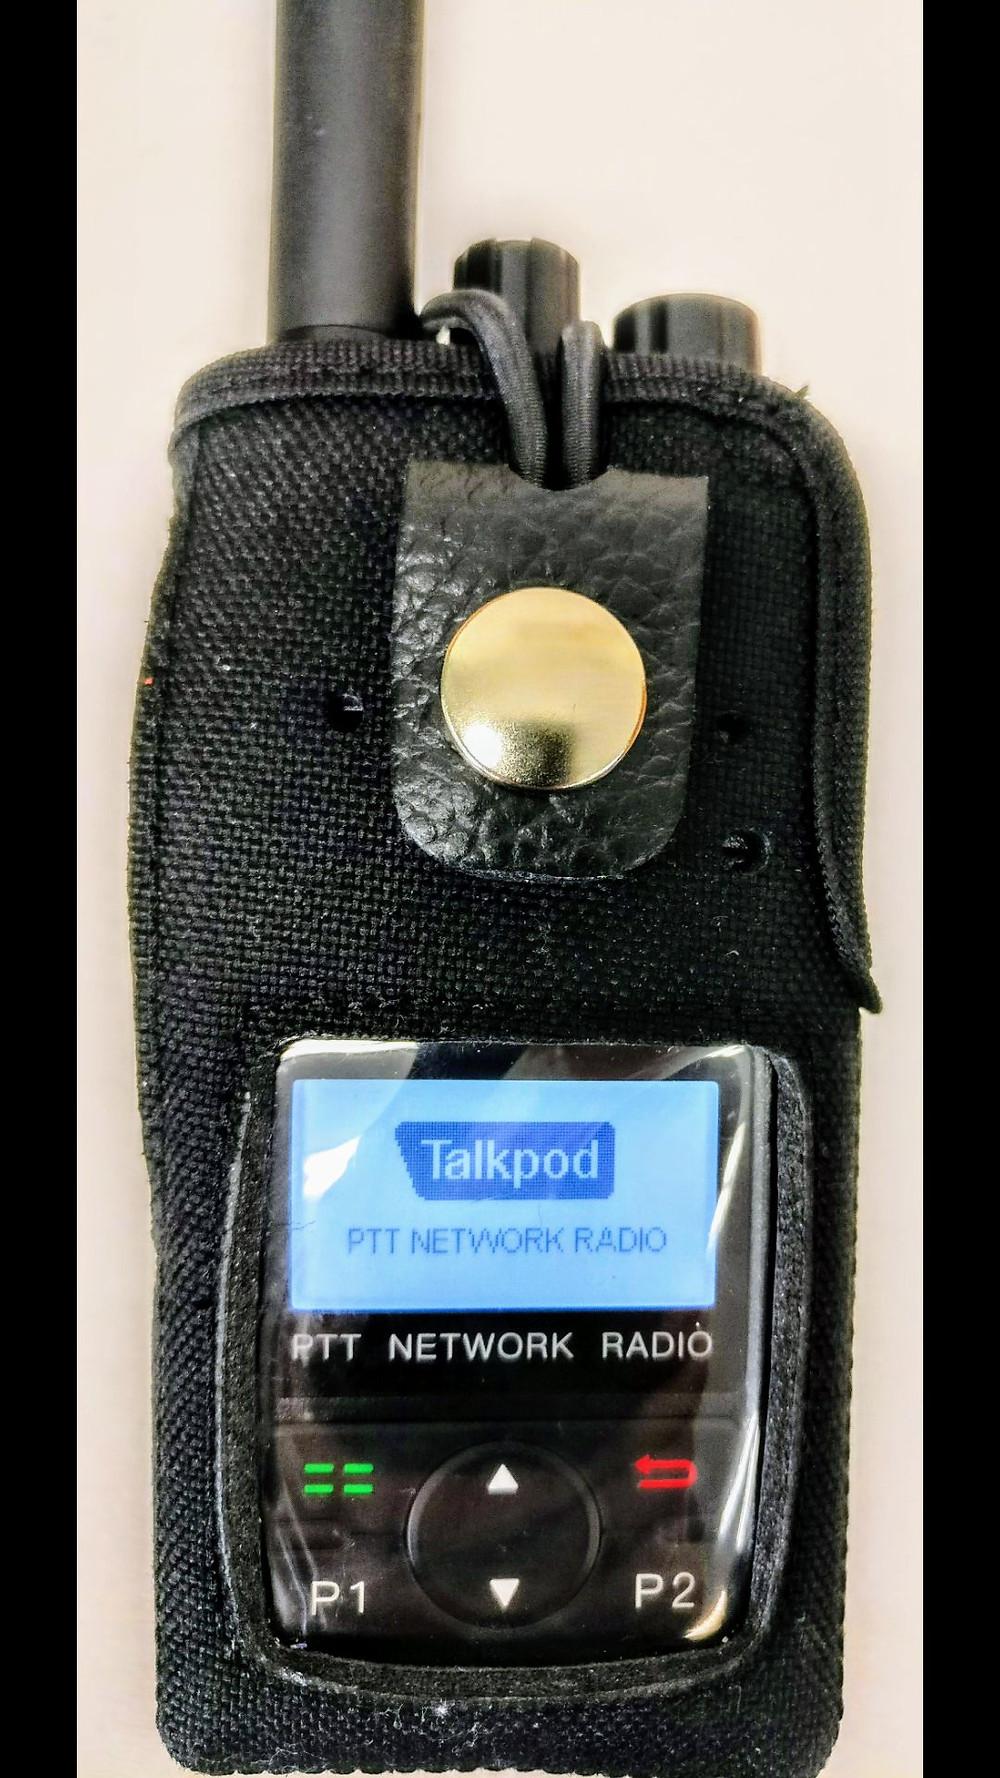 #PushToTalk #TwoWayRadio #GPStracking #PCdispatching #WorldwidePTT #POC #NetworkRadio #GroupCall #PrivateCall #NetworkPTT #SOS #Emergency #DMR #Talkpod #DigitalRadio #PTToverCellular #nextel #PushToTalkOverCellular #LTE #LTENetworks #PTT #DMR